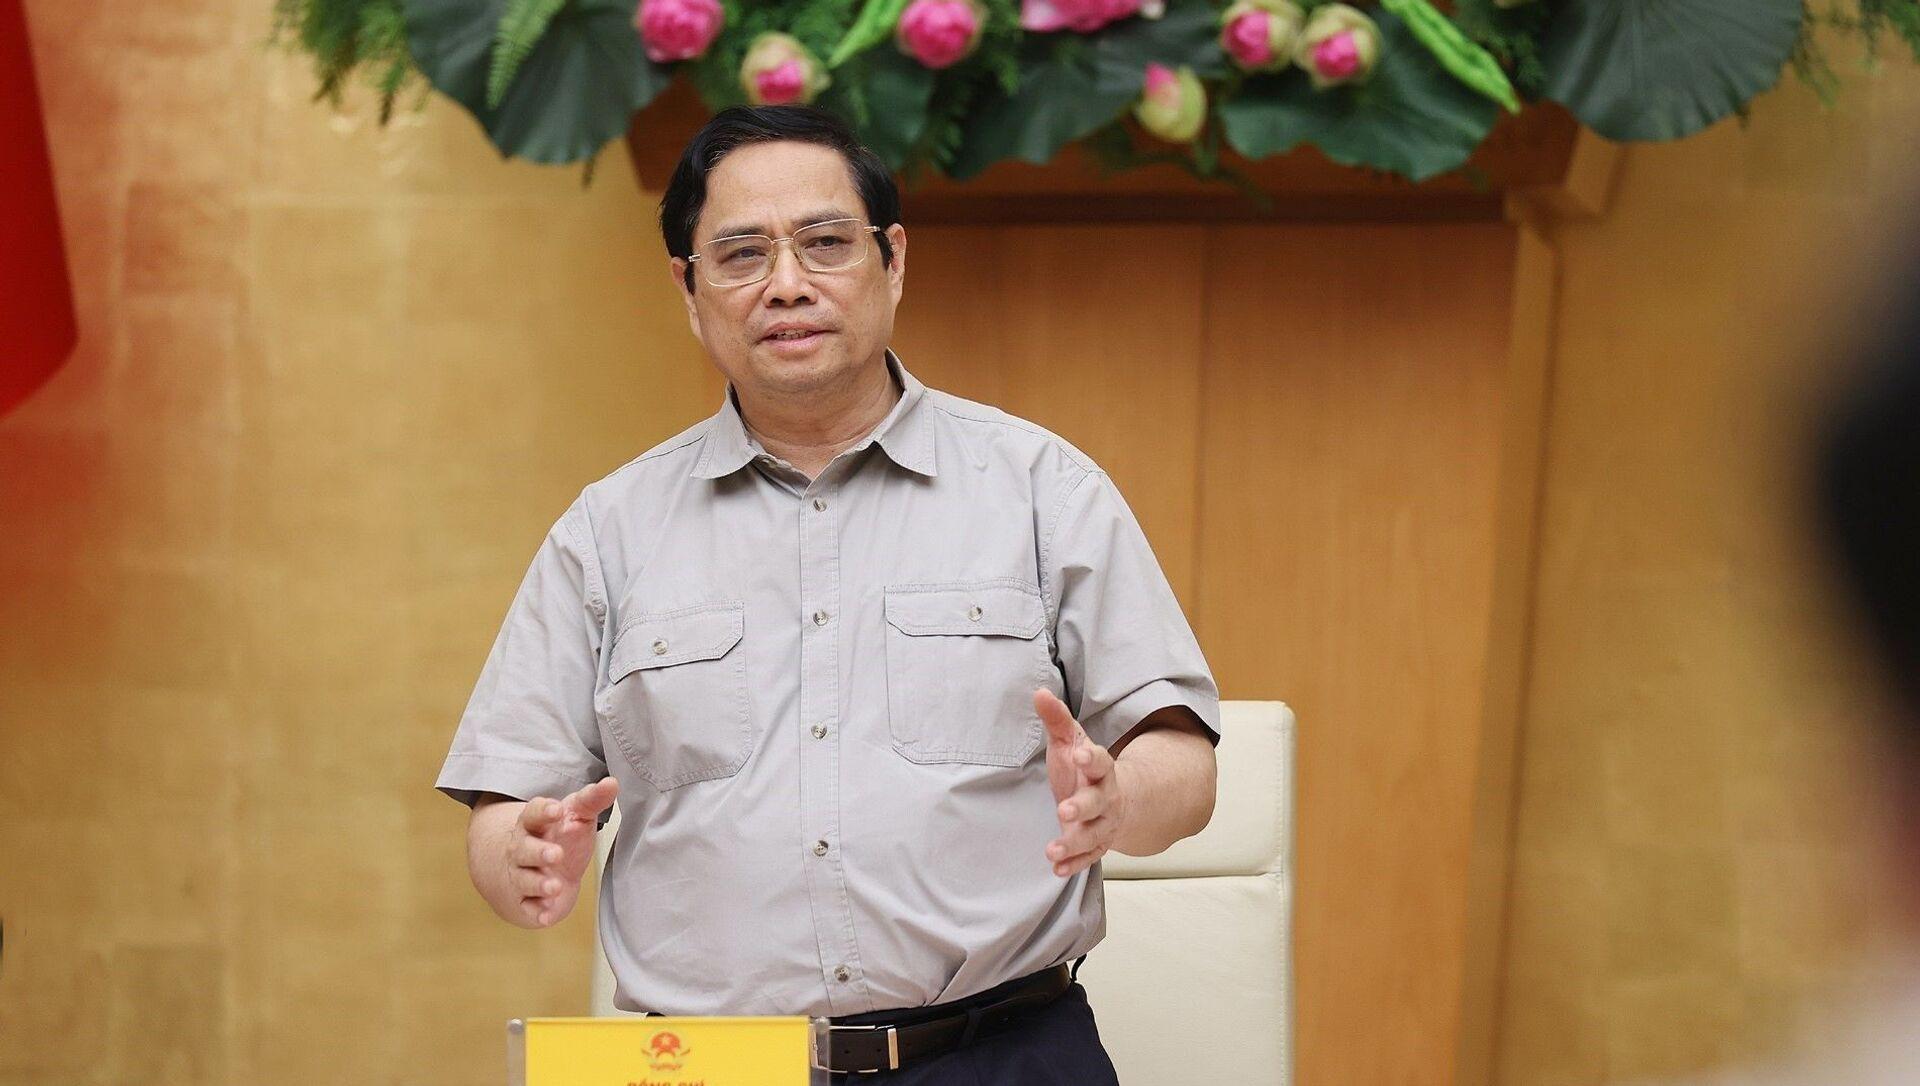 Thủ tướng Phạm Minh Chính phát biểu kết luận cuộc họp - Sputnik Việt Nam, 1920, 29.09.2021